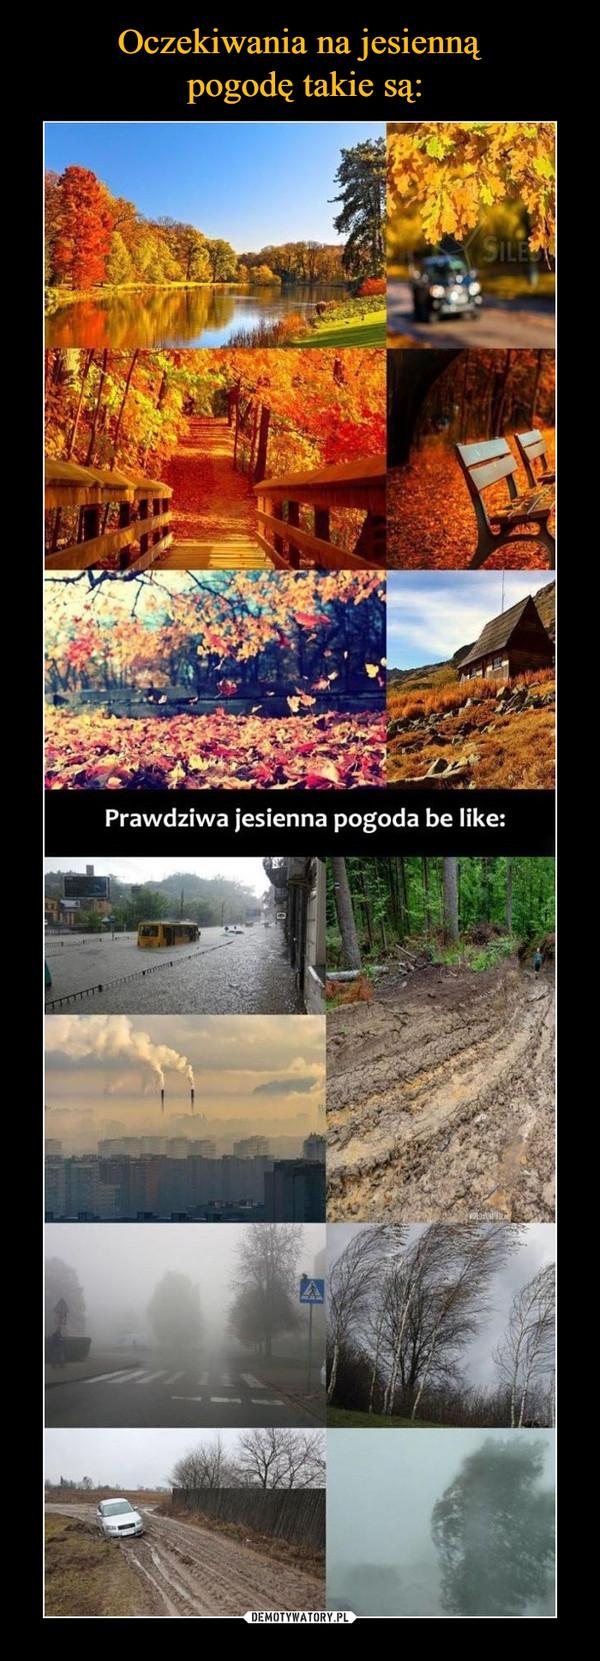 –  Prawdziwa jesienna pogoda be like